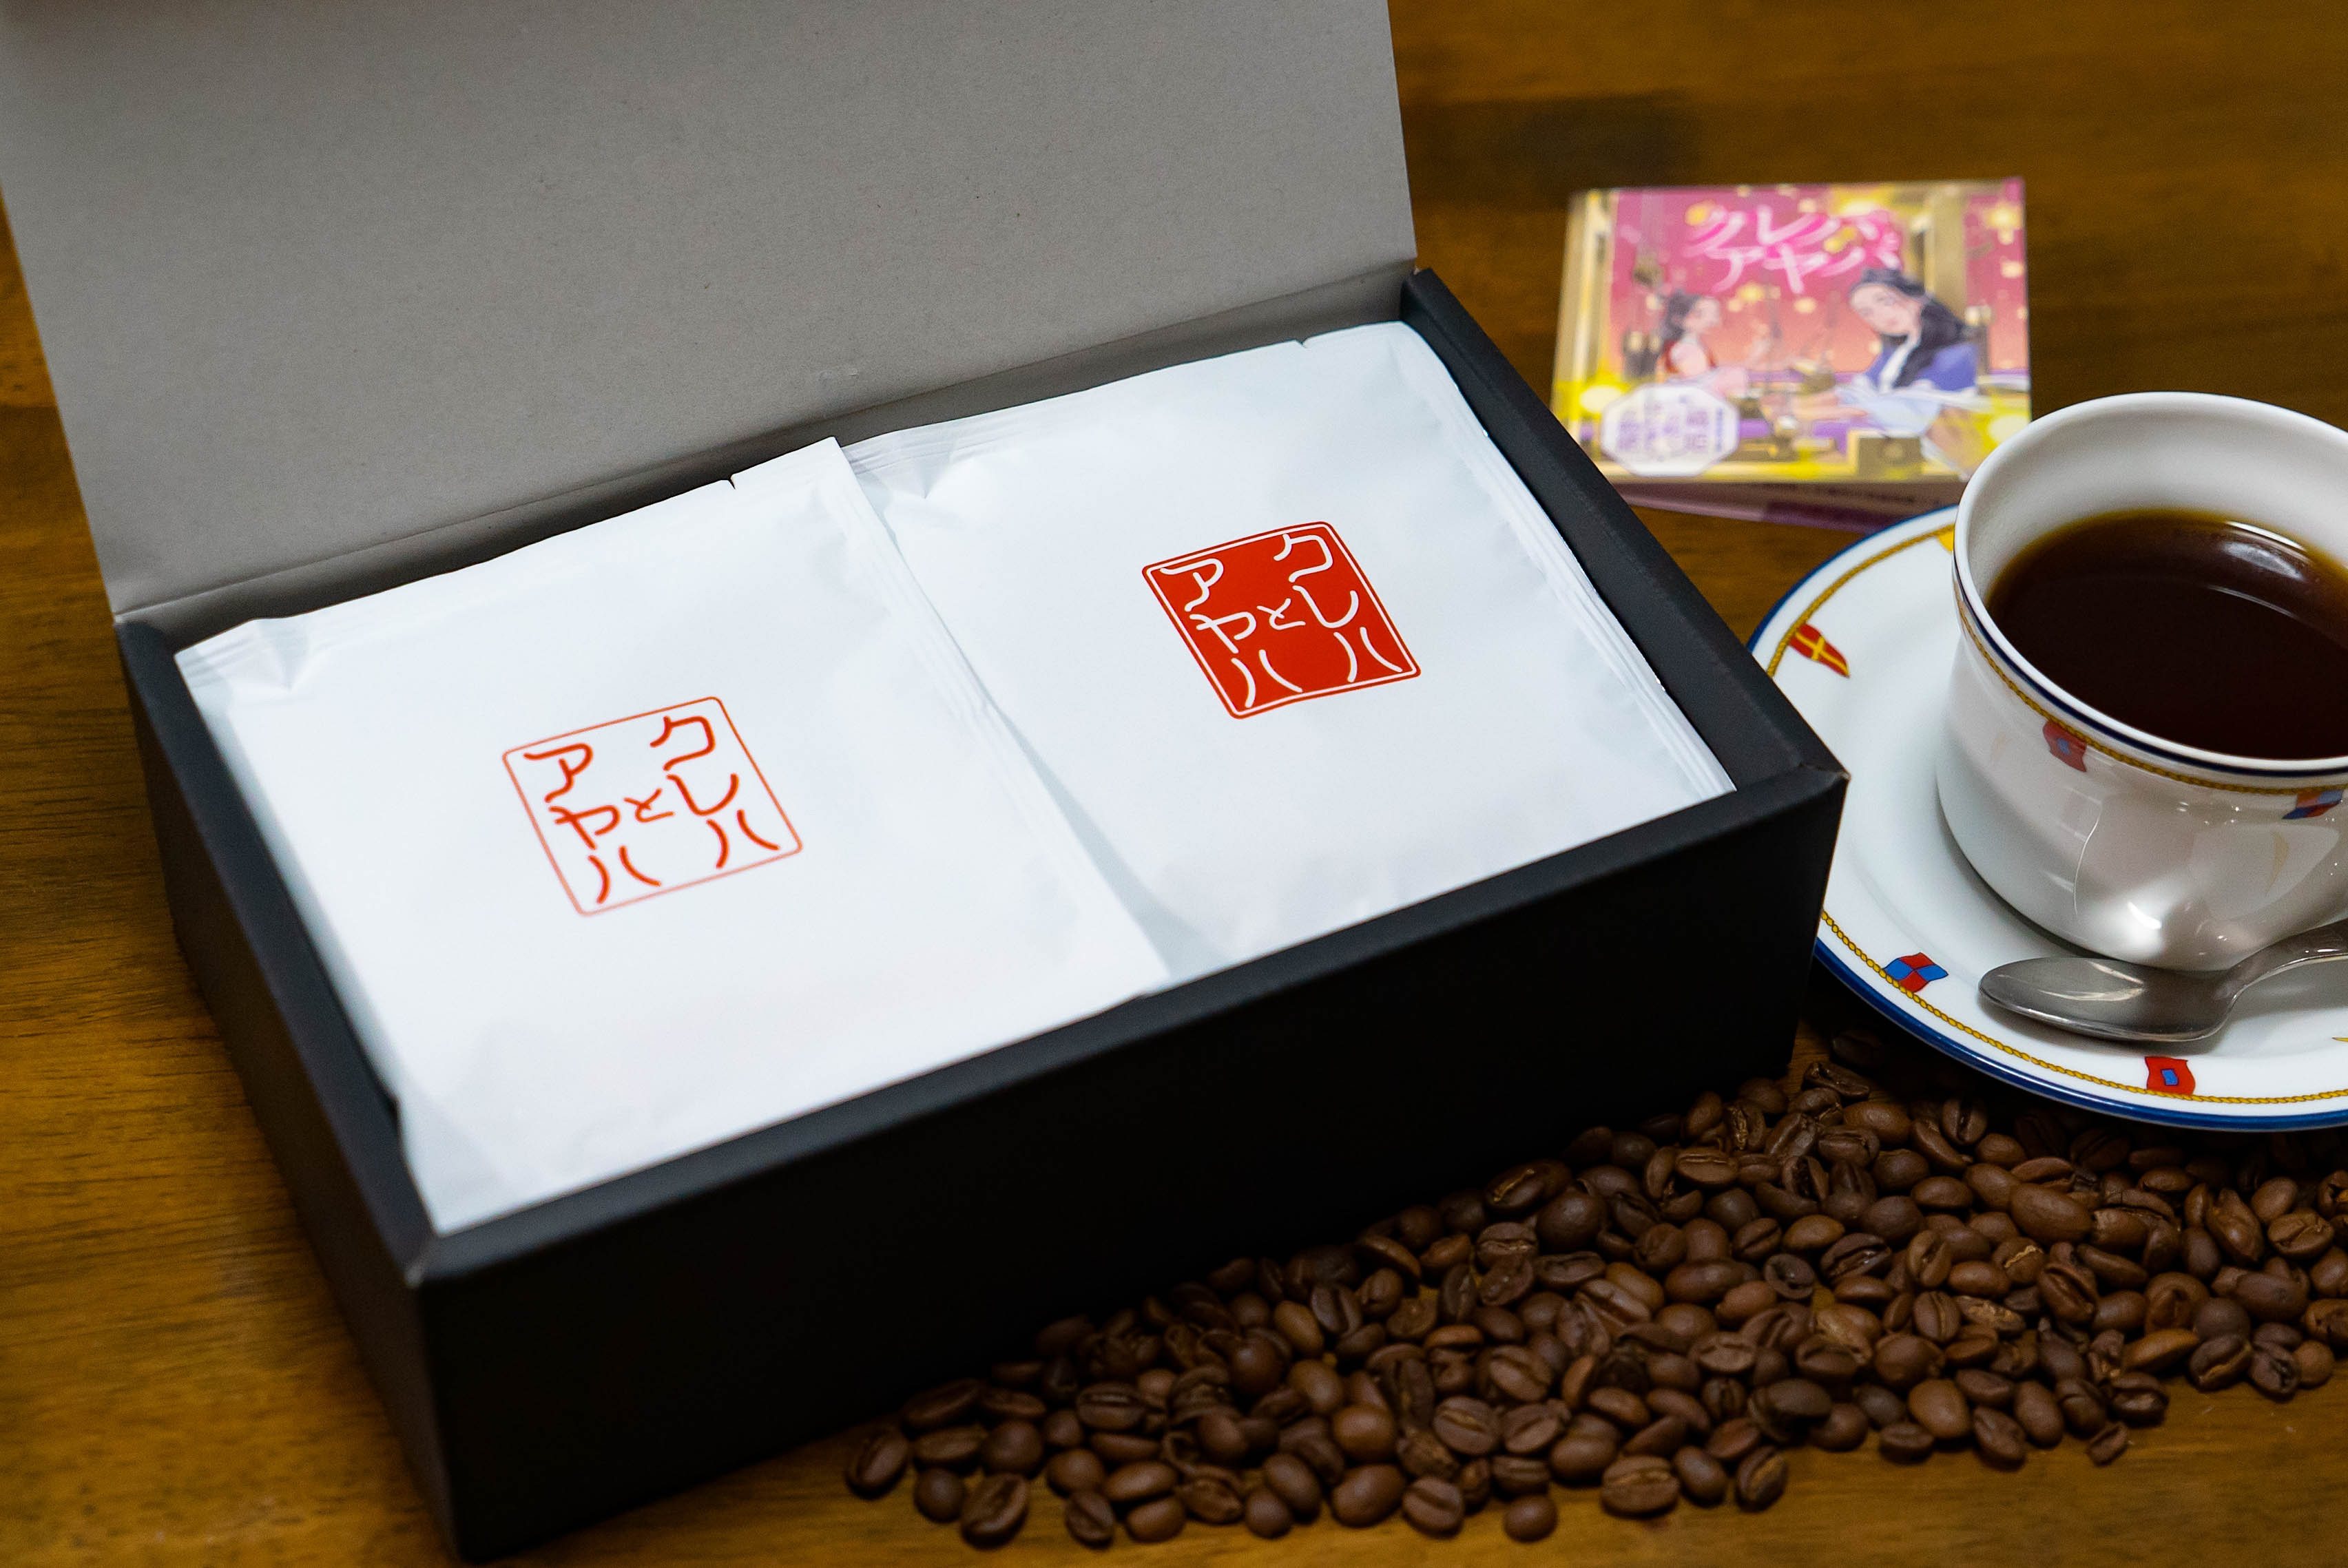 大阪池田土産 織姫伝説オリジナルブレンドコーヒードリップバッグ クレハとアヤハ